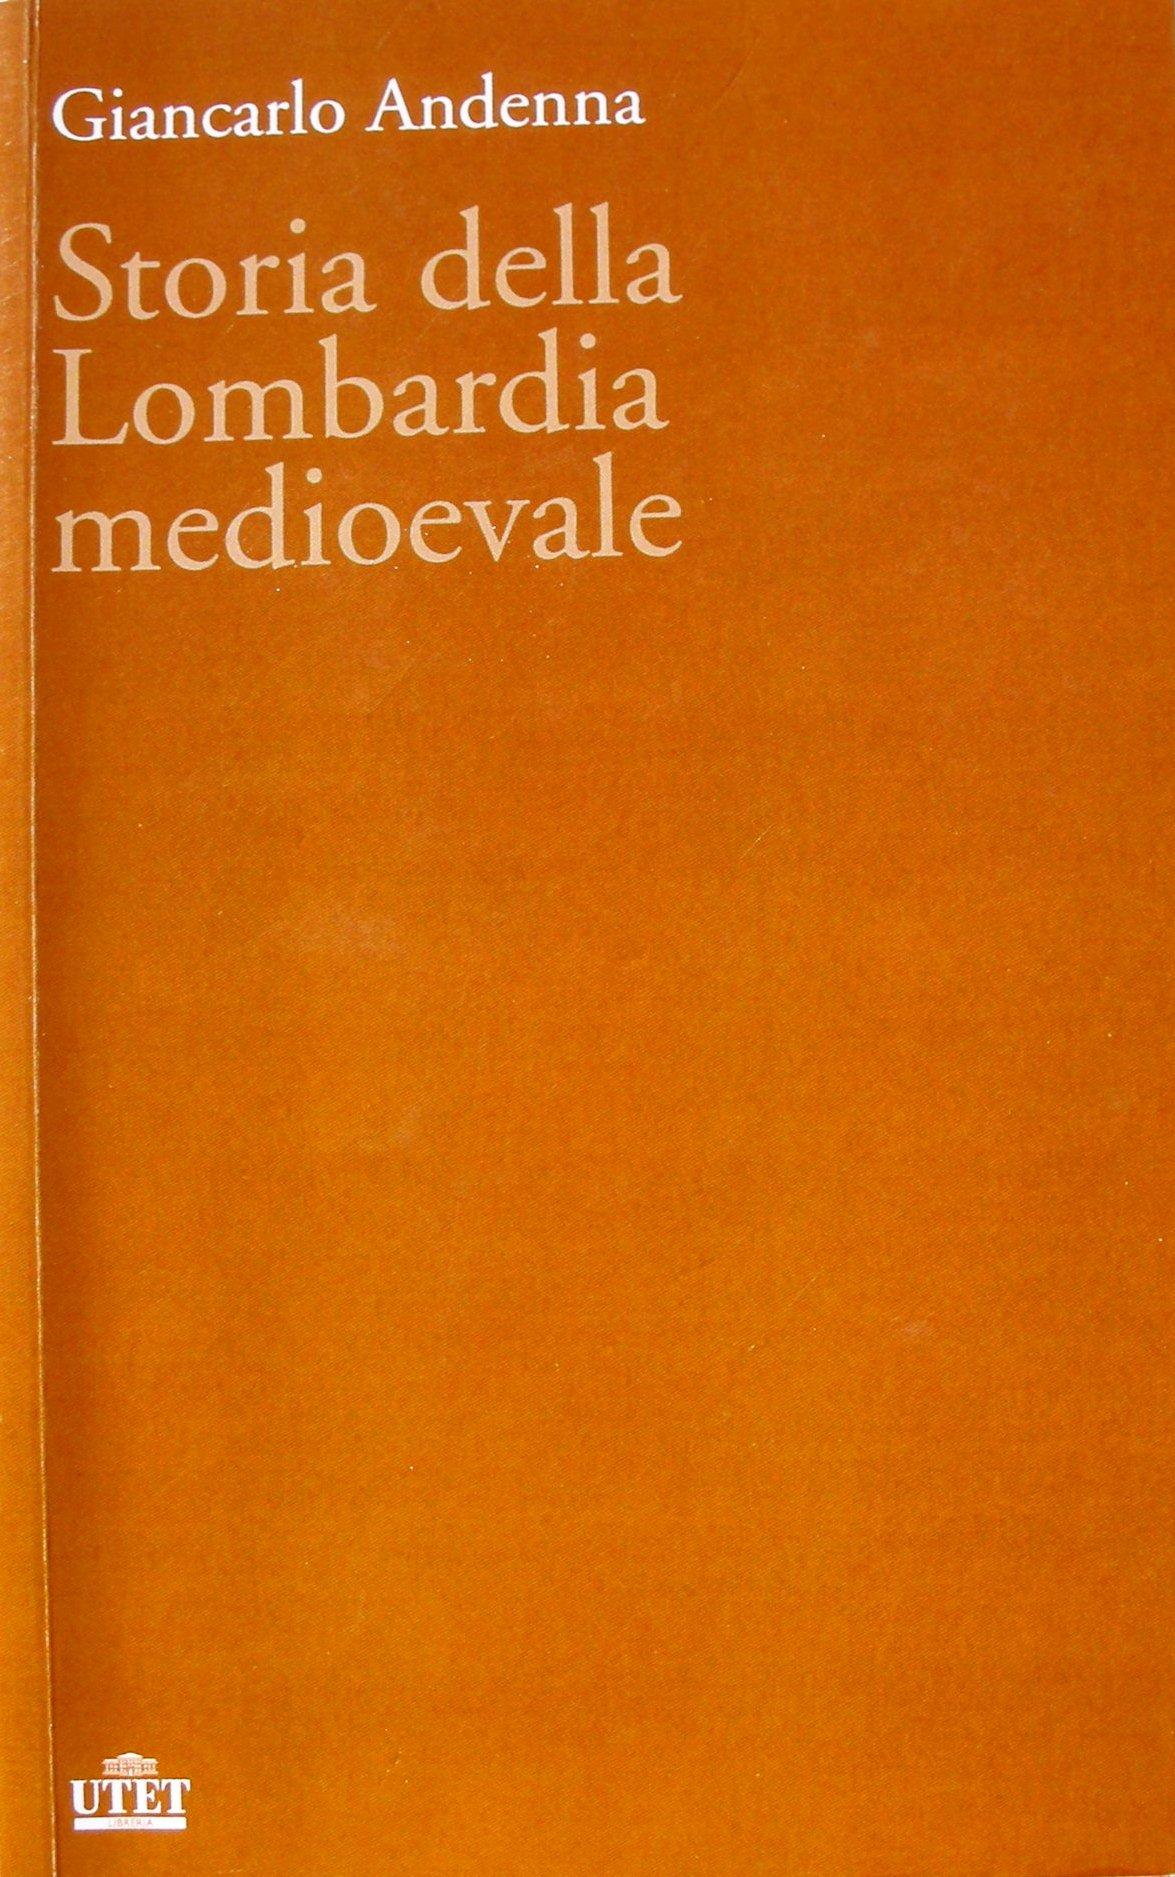 Storia della Lombardia medievale